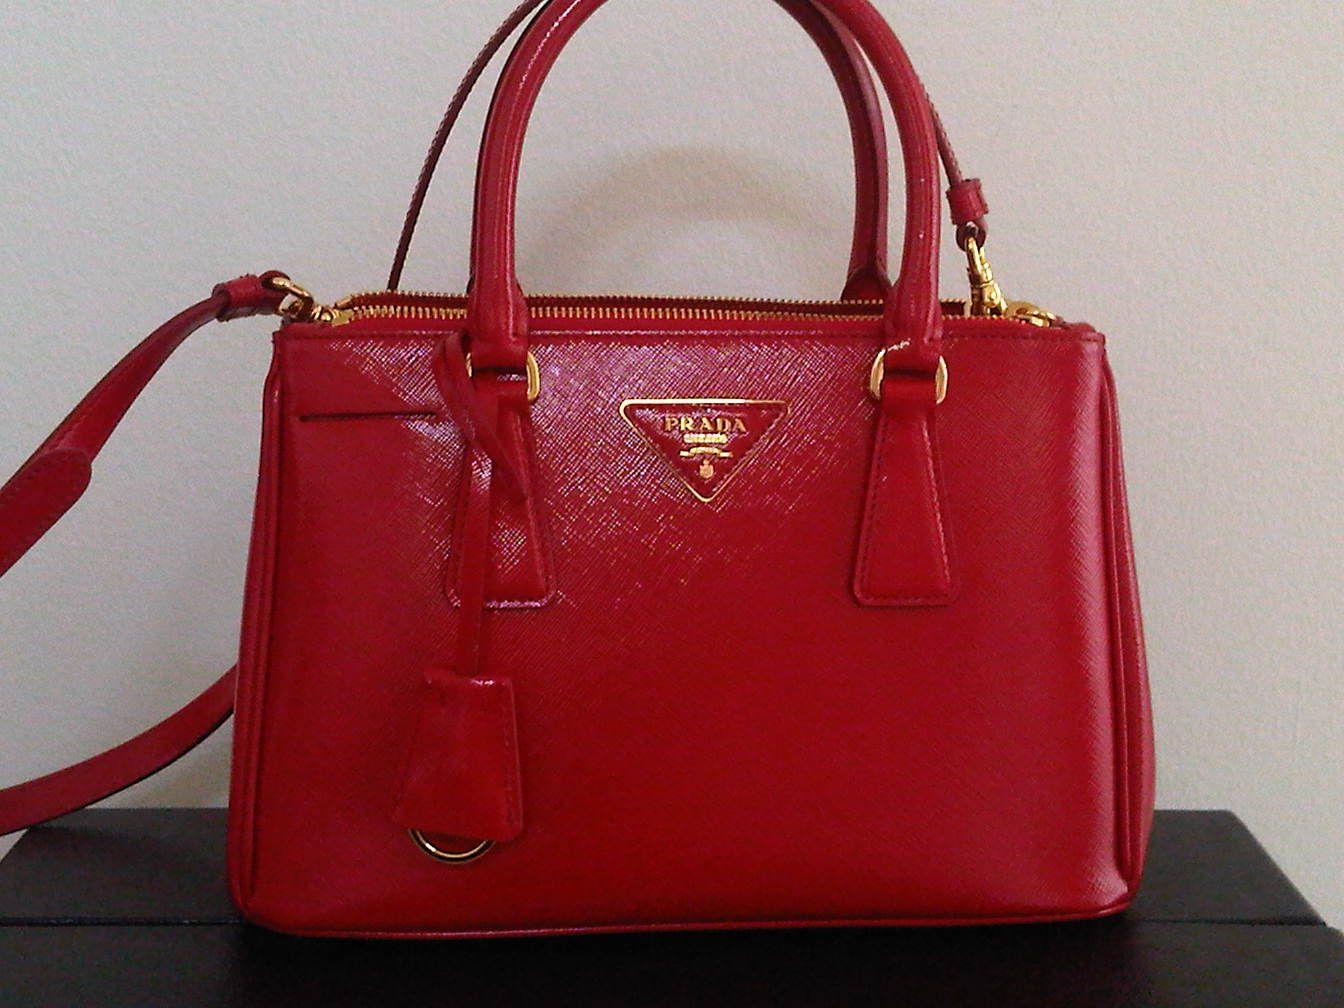 Red Prada Bag